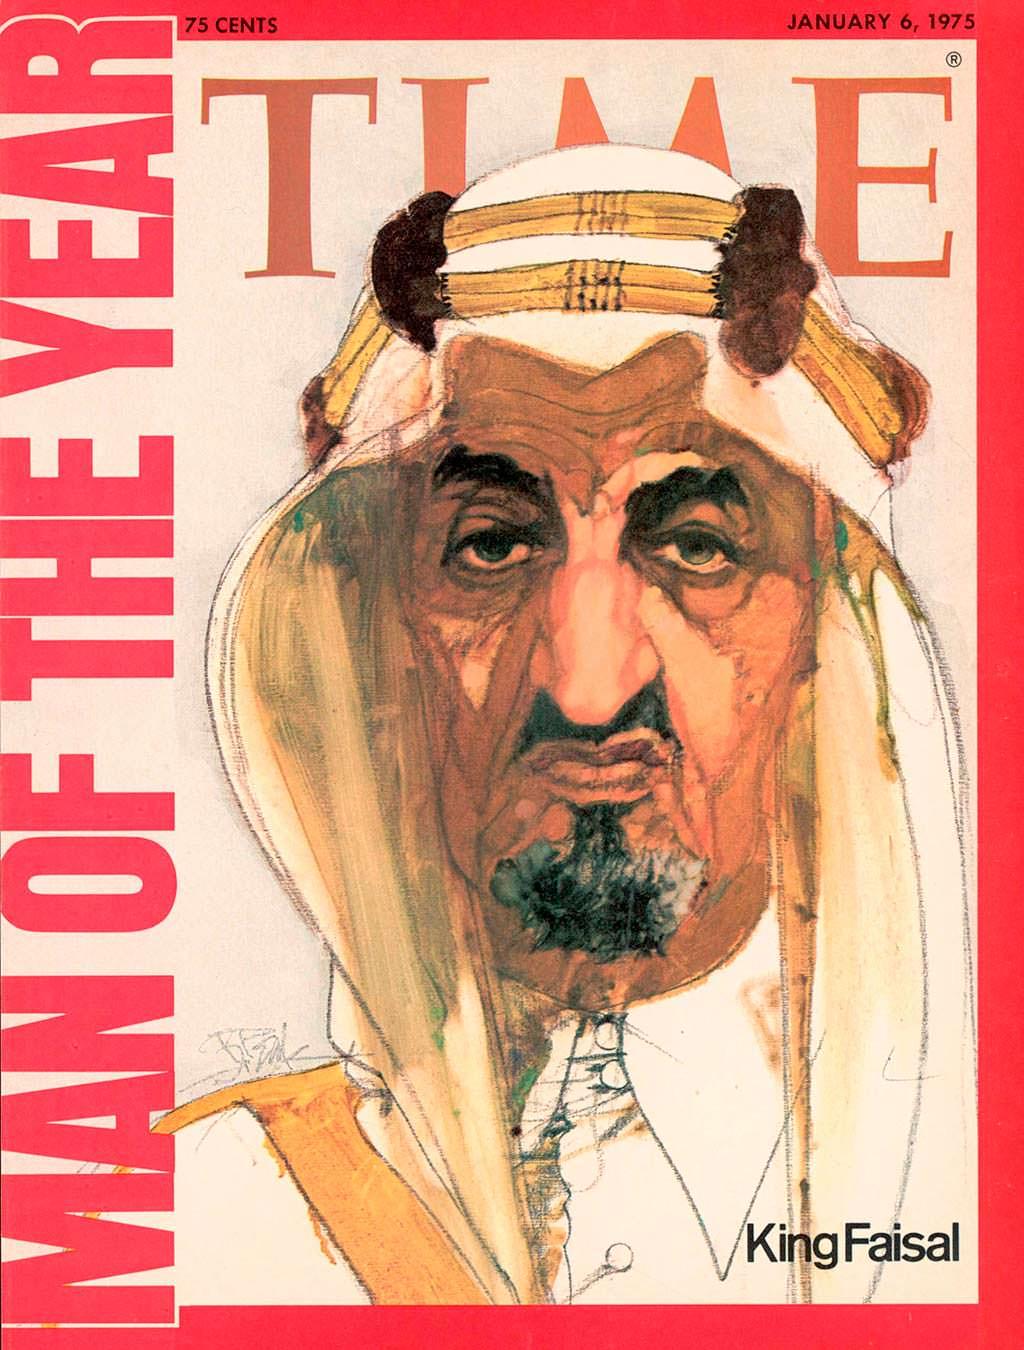 1974 год. Король Фейсал ас-Сауд на обложке Time